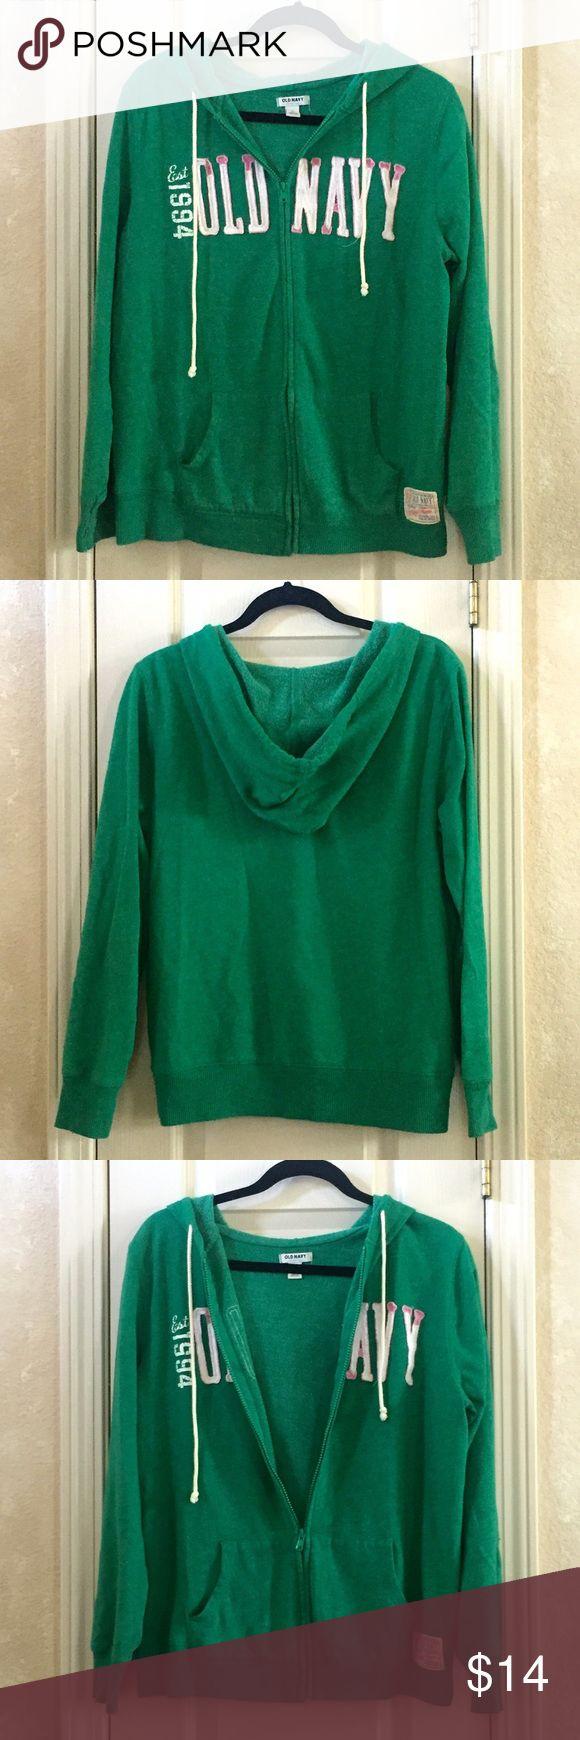 Old Navy Zip-Up Hoodie Green hoodie from Old Navy. Old Navy Tops Sweatshirts & Hoodies